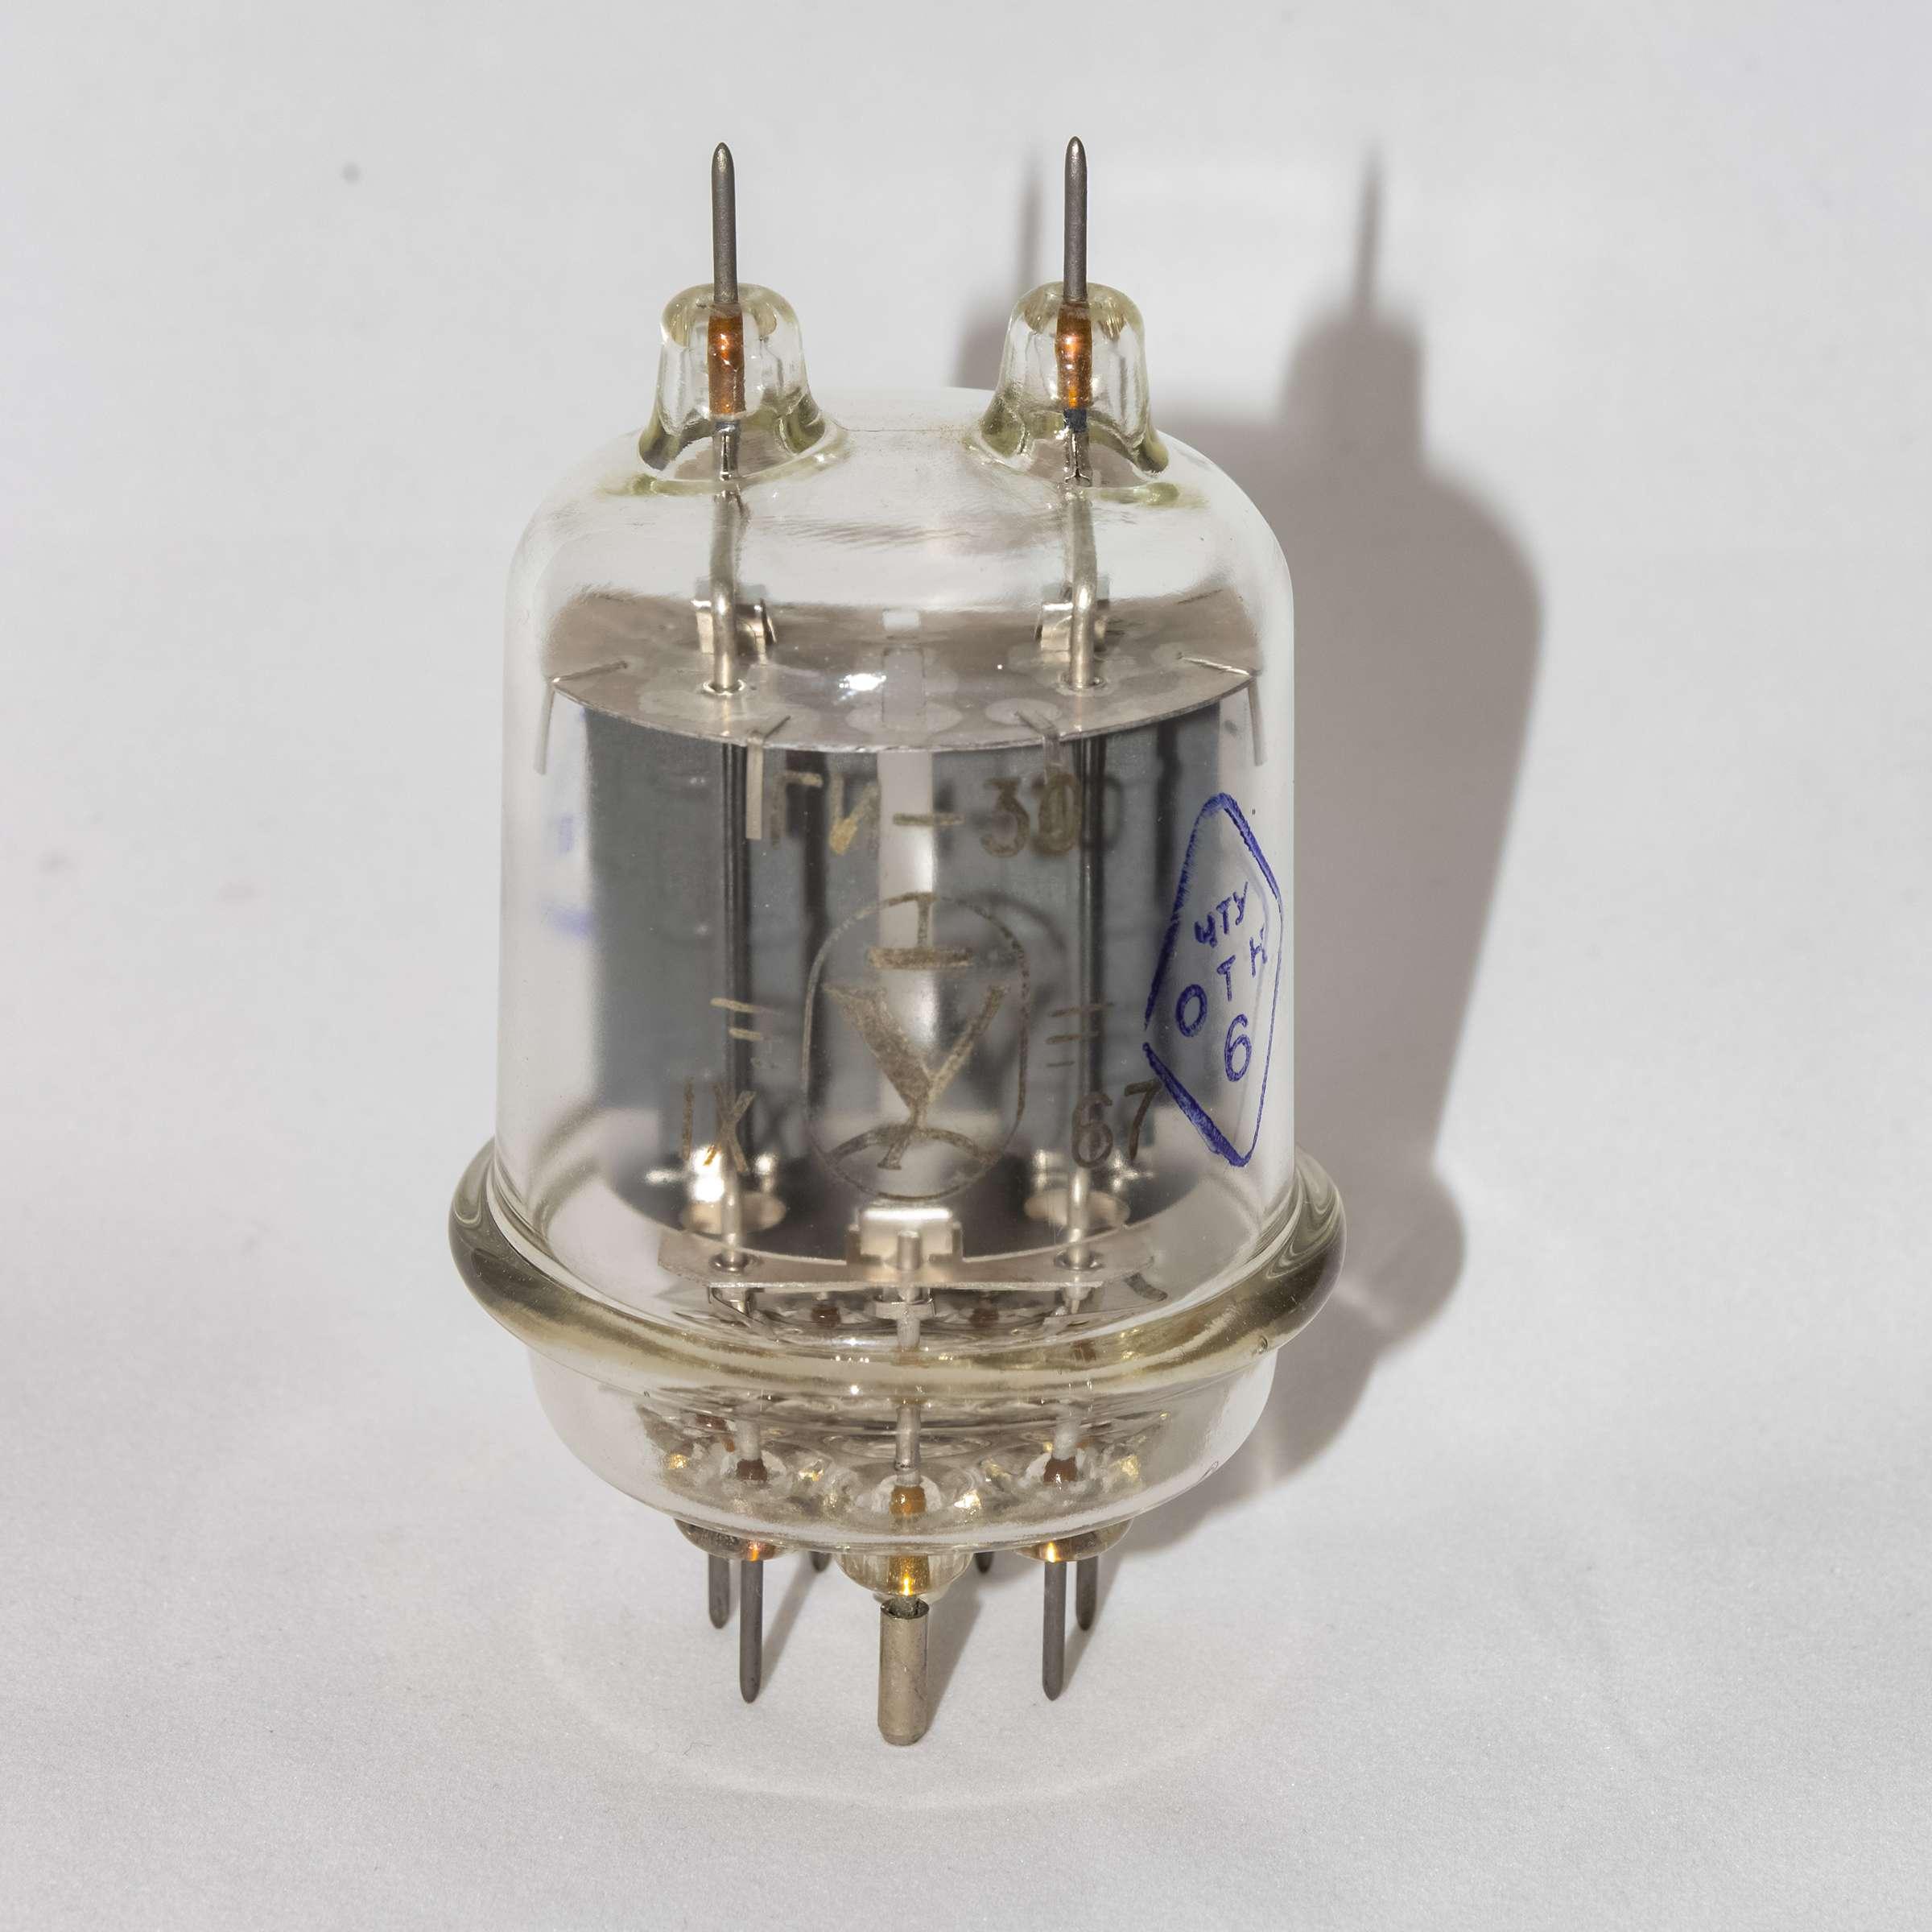 Внешний вид радиолампы ГИ-30